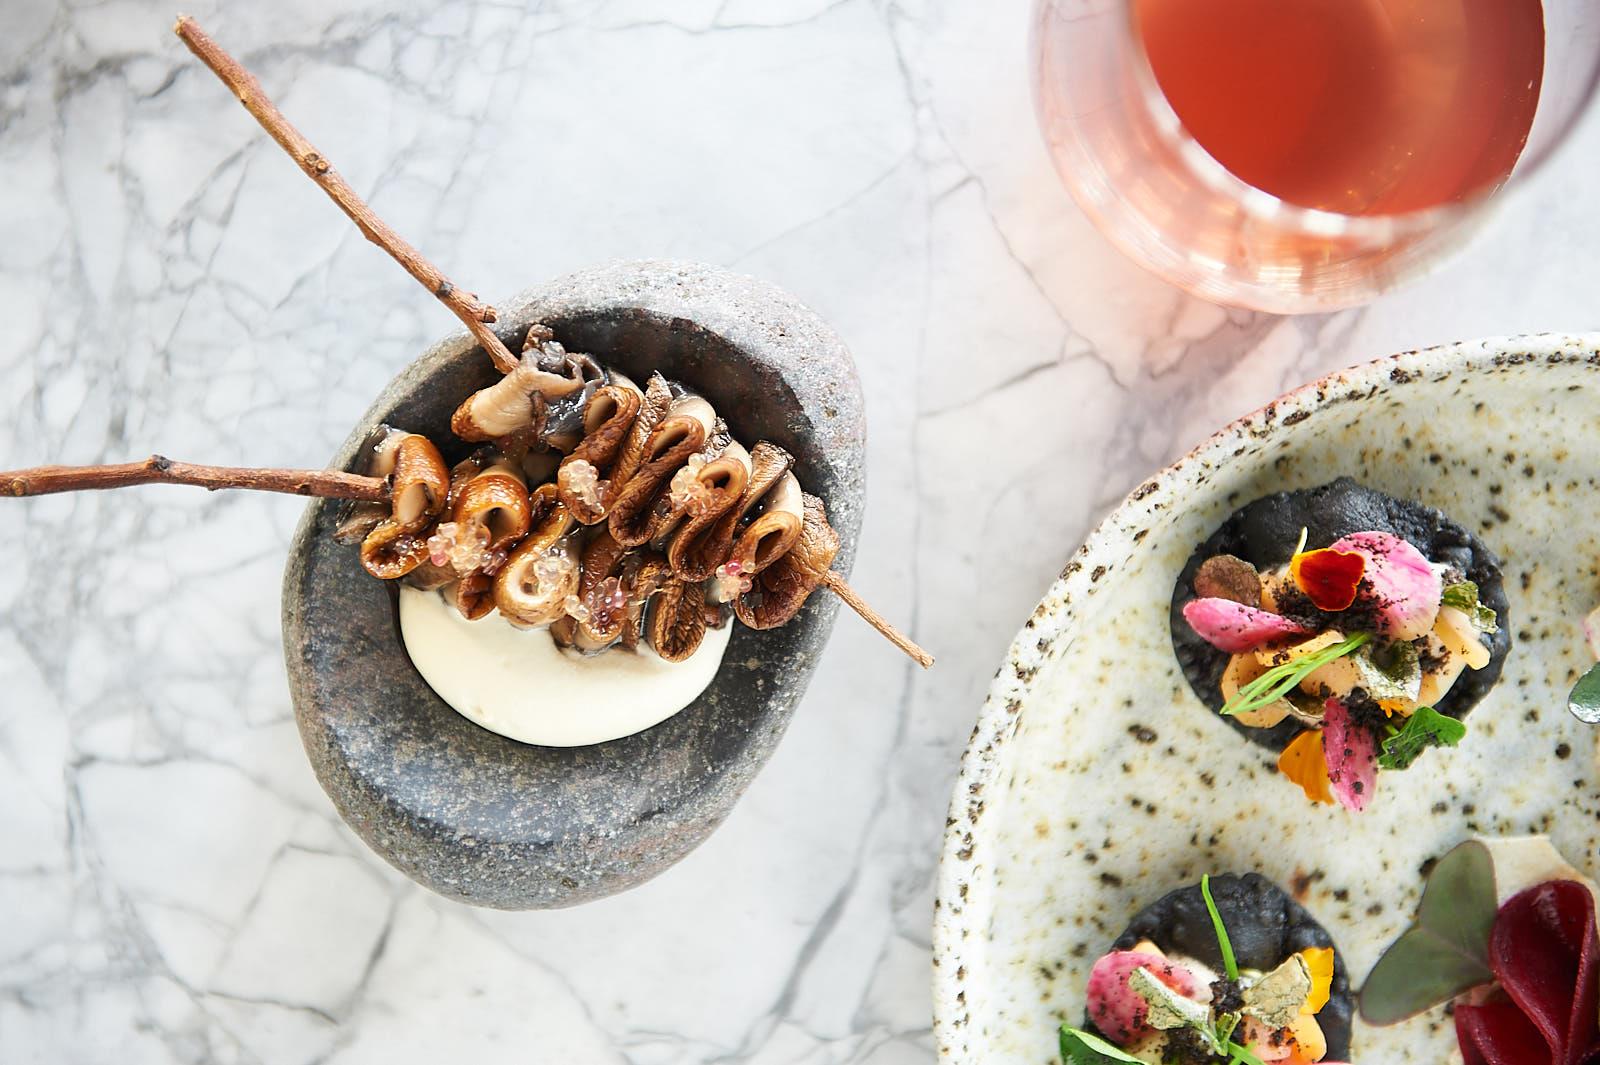 Platos pequeños con ingredientes nativos en el restaurante Paperbark